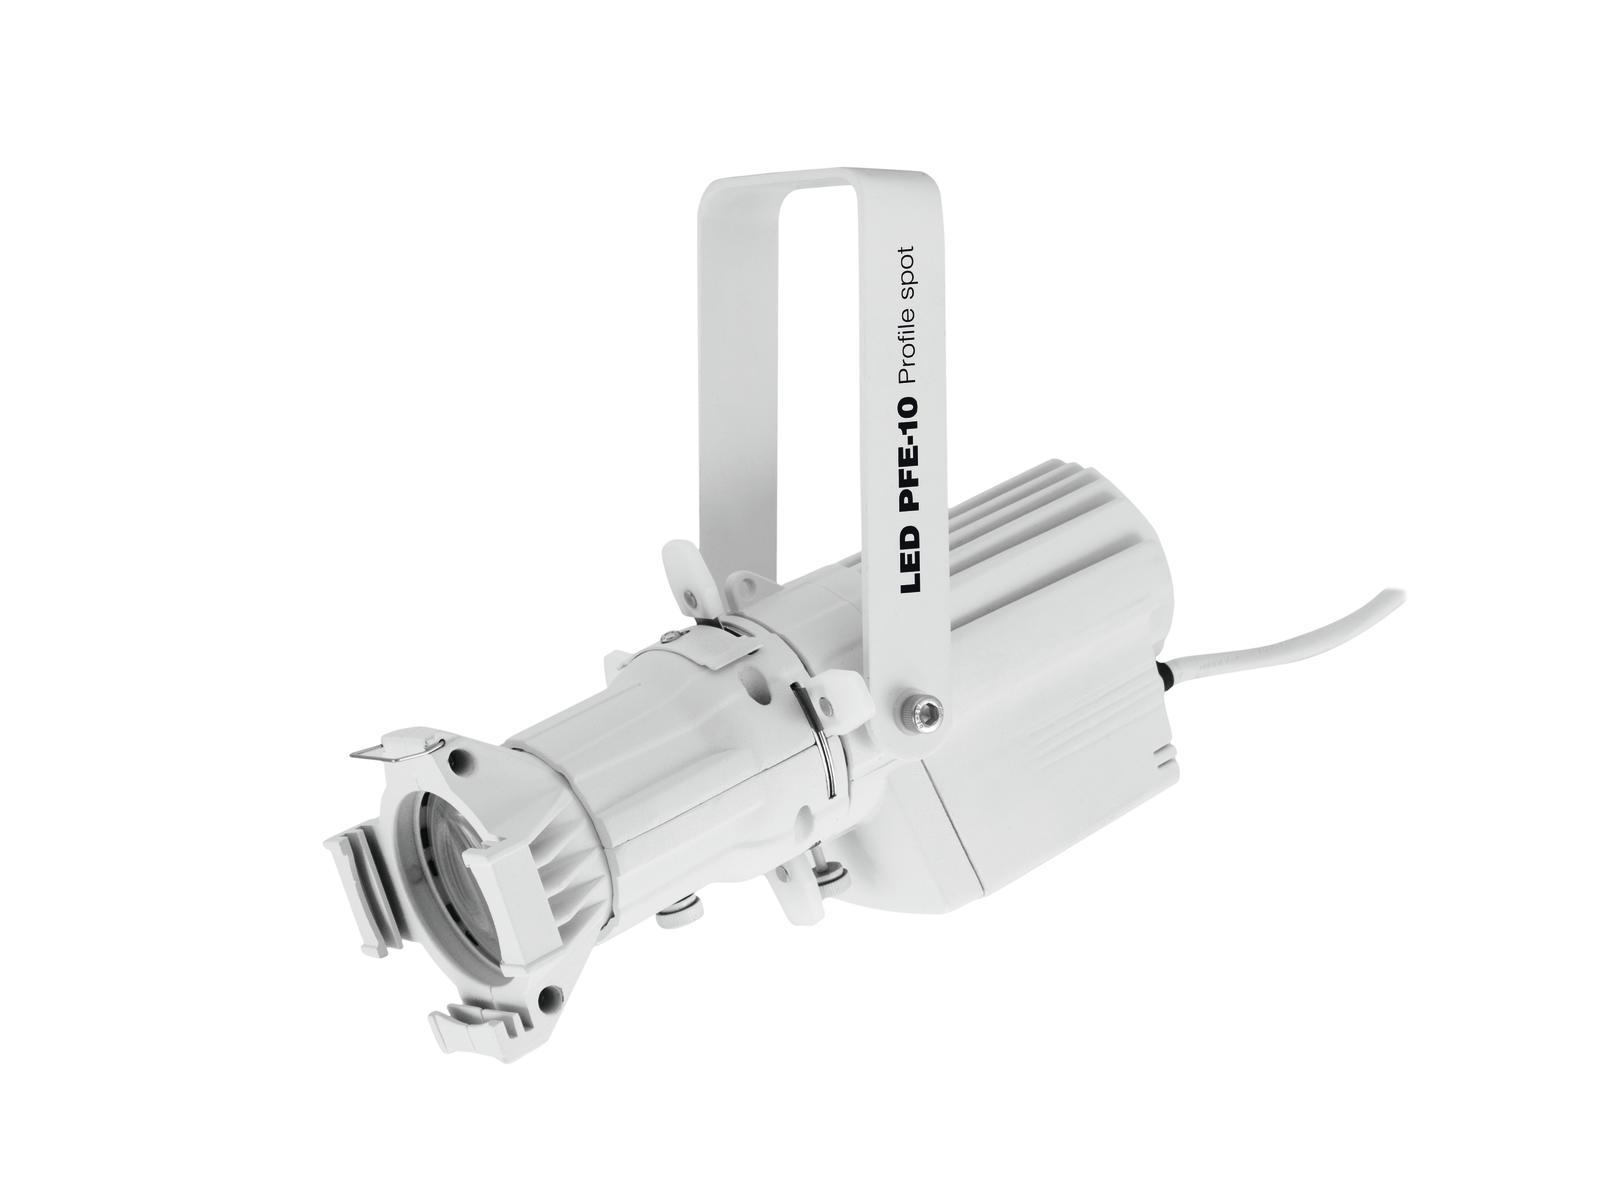 EUROLITE LED PFE-10 3000K Profilo Spot wh